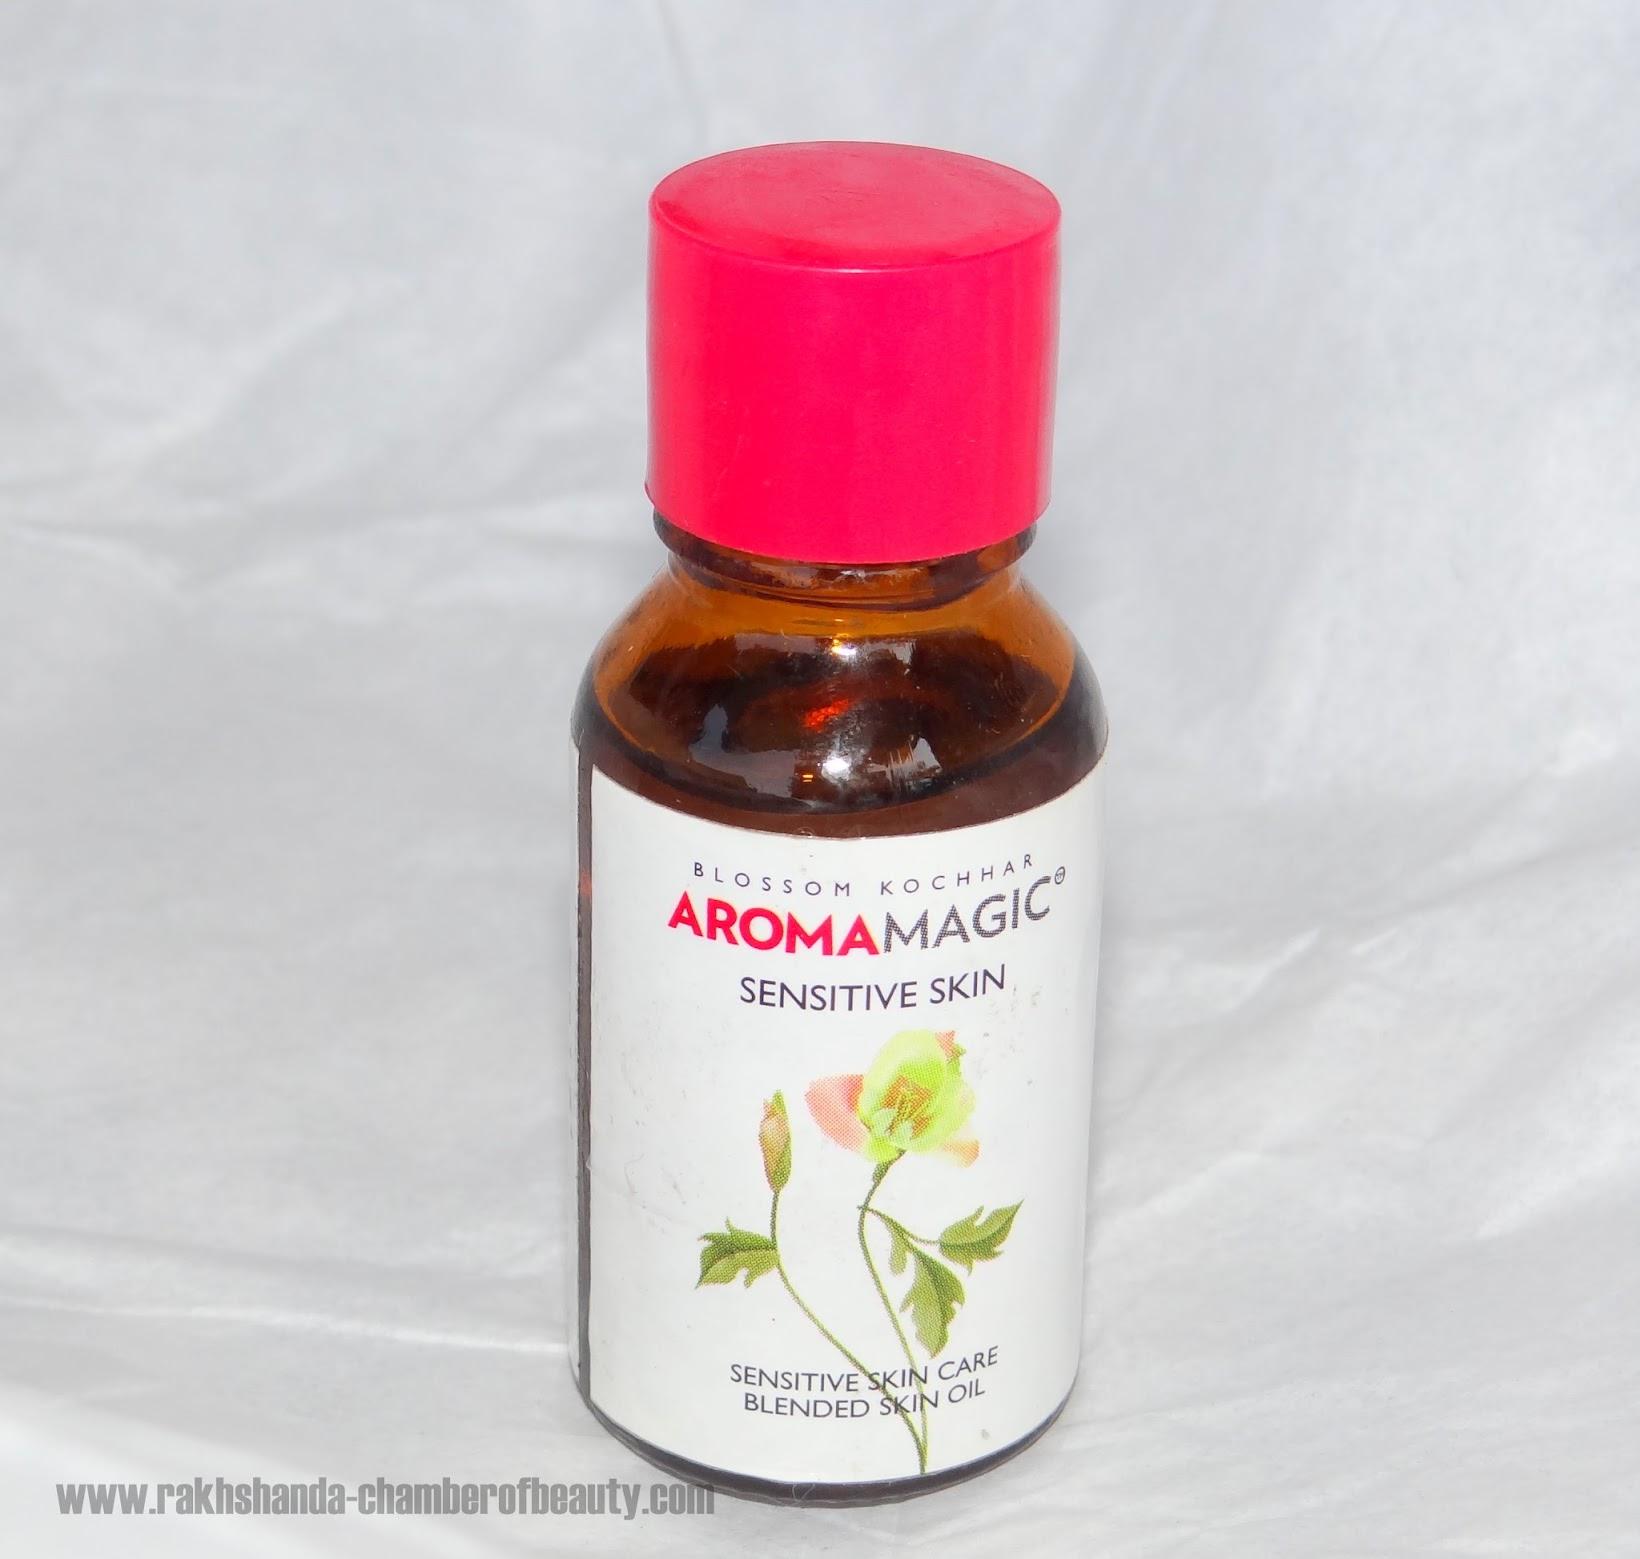 Aroma Magic Blended Skin oil for sensitive skin review, skincare products for sensitive skin